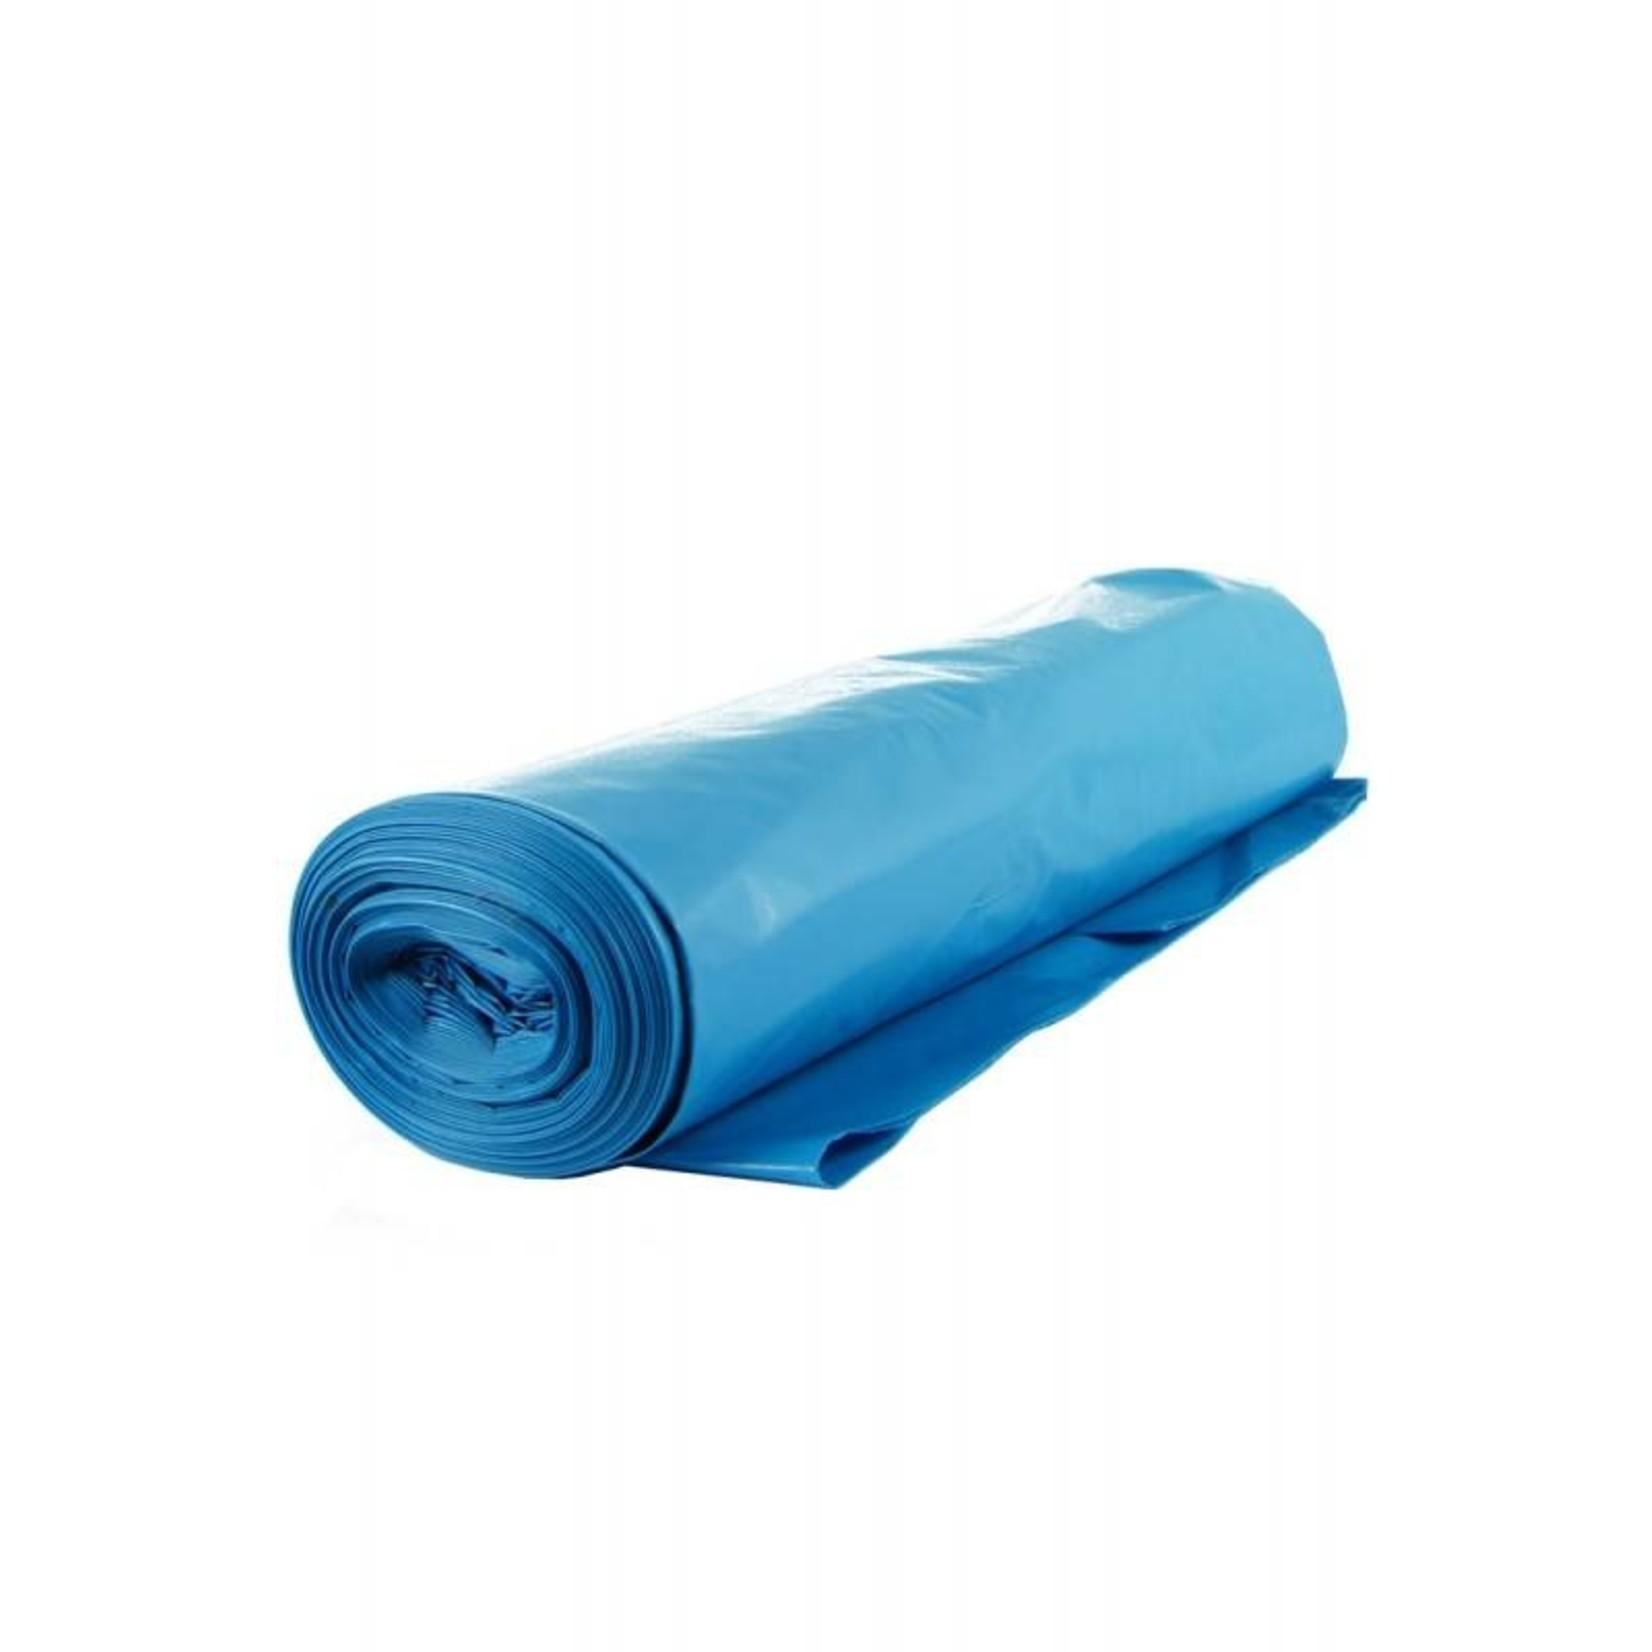 Heigo Vuilniszak Blauw 60mu 70x110 1 rol